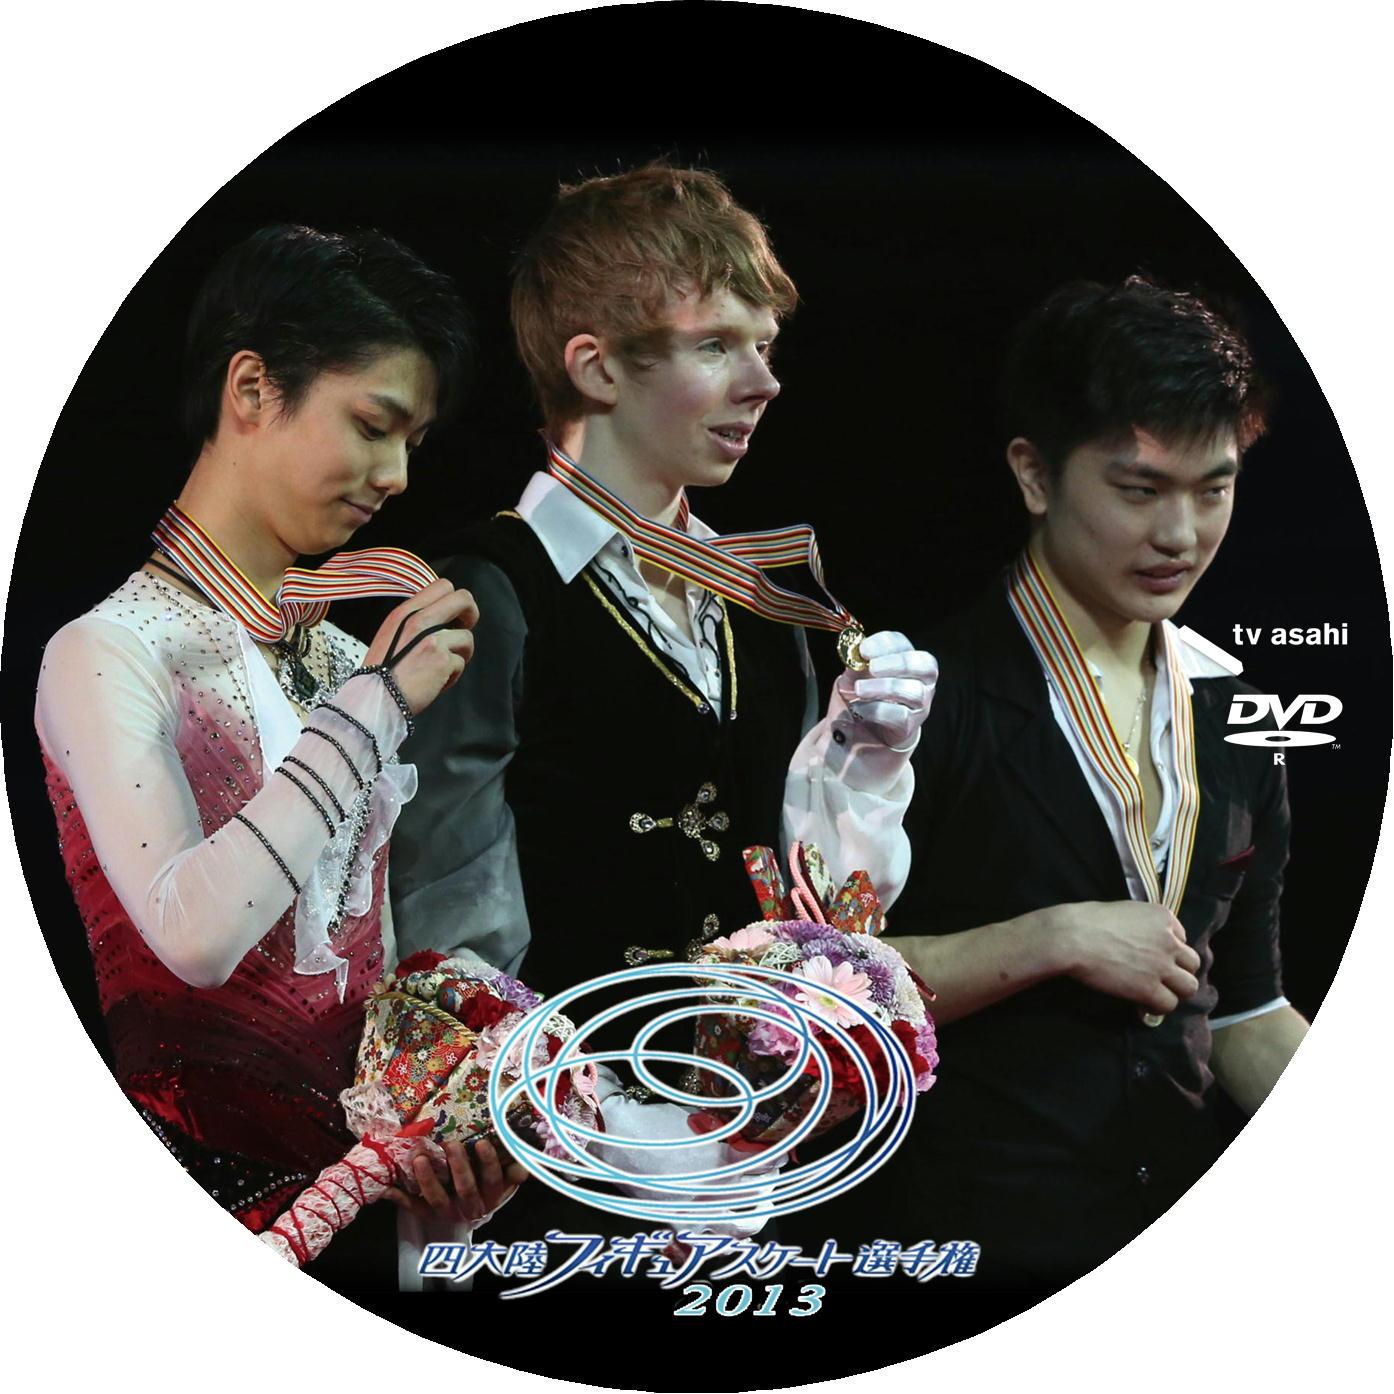 四大陸男子表彰DVDラベル